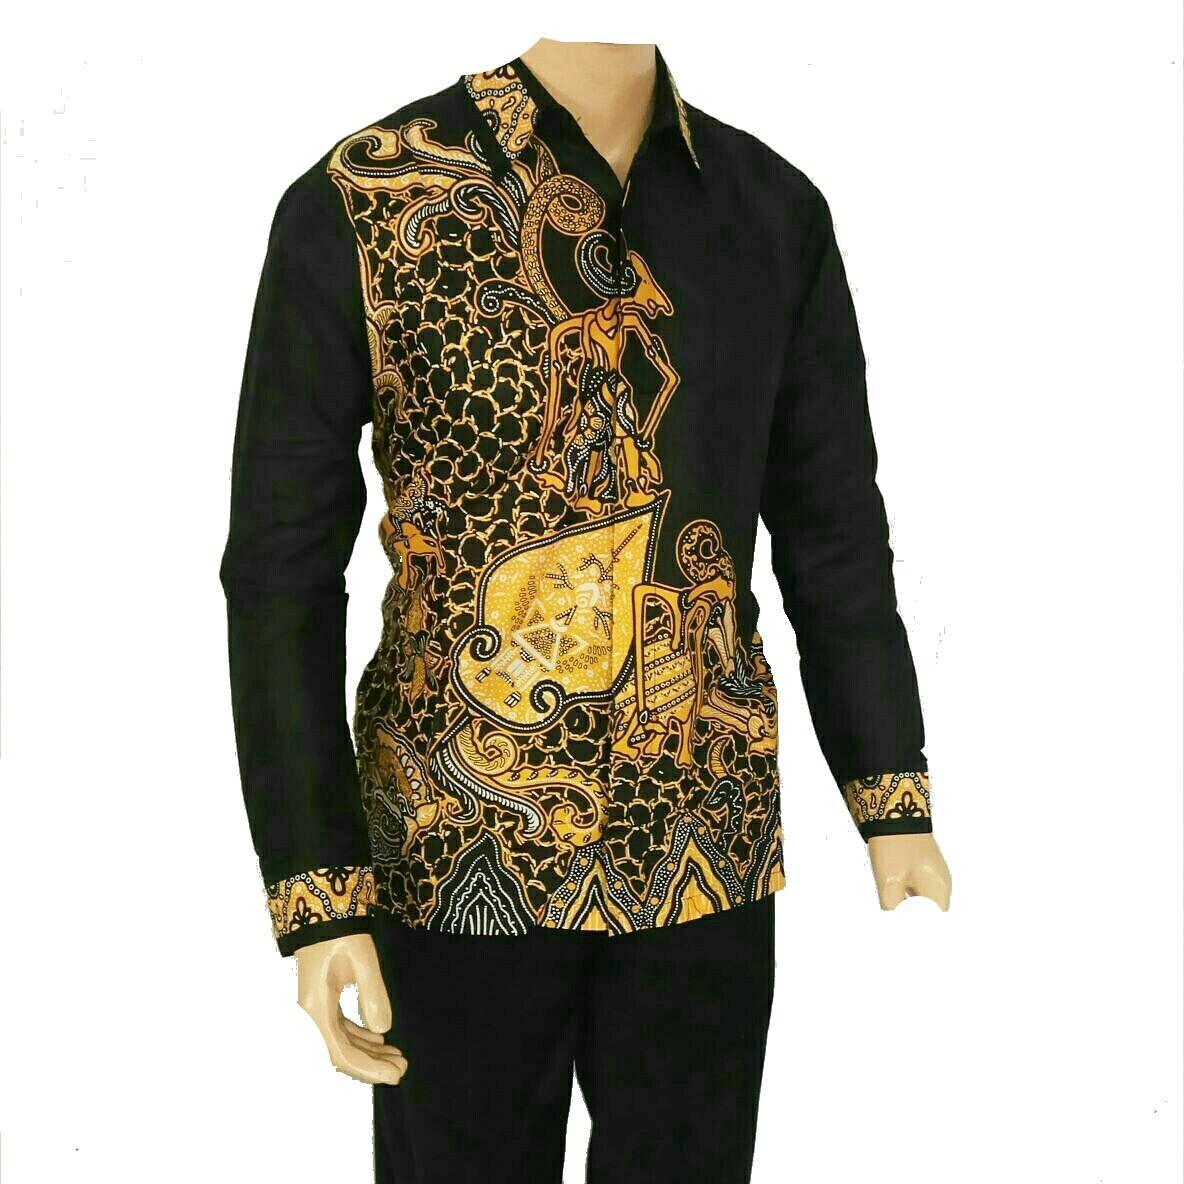 Desain Baju Batik Pria Modern Lengan Panjang | Klopdesain